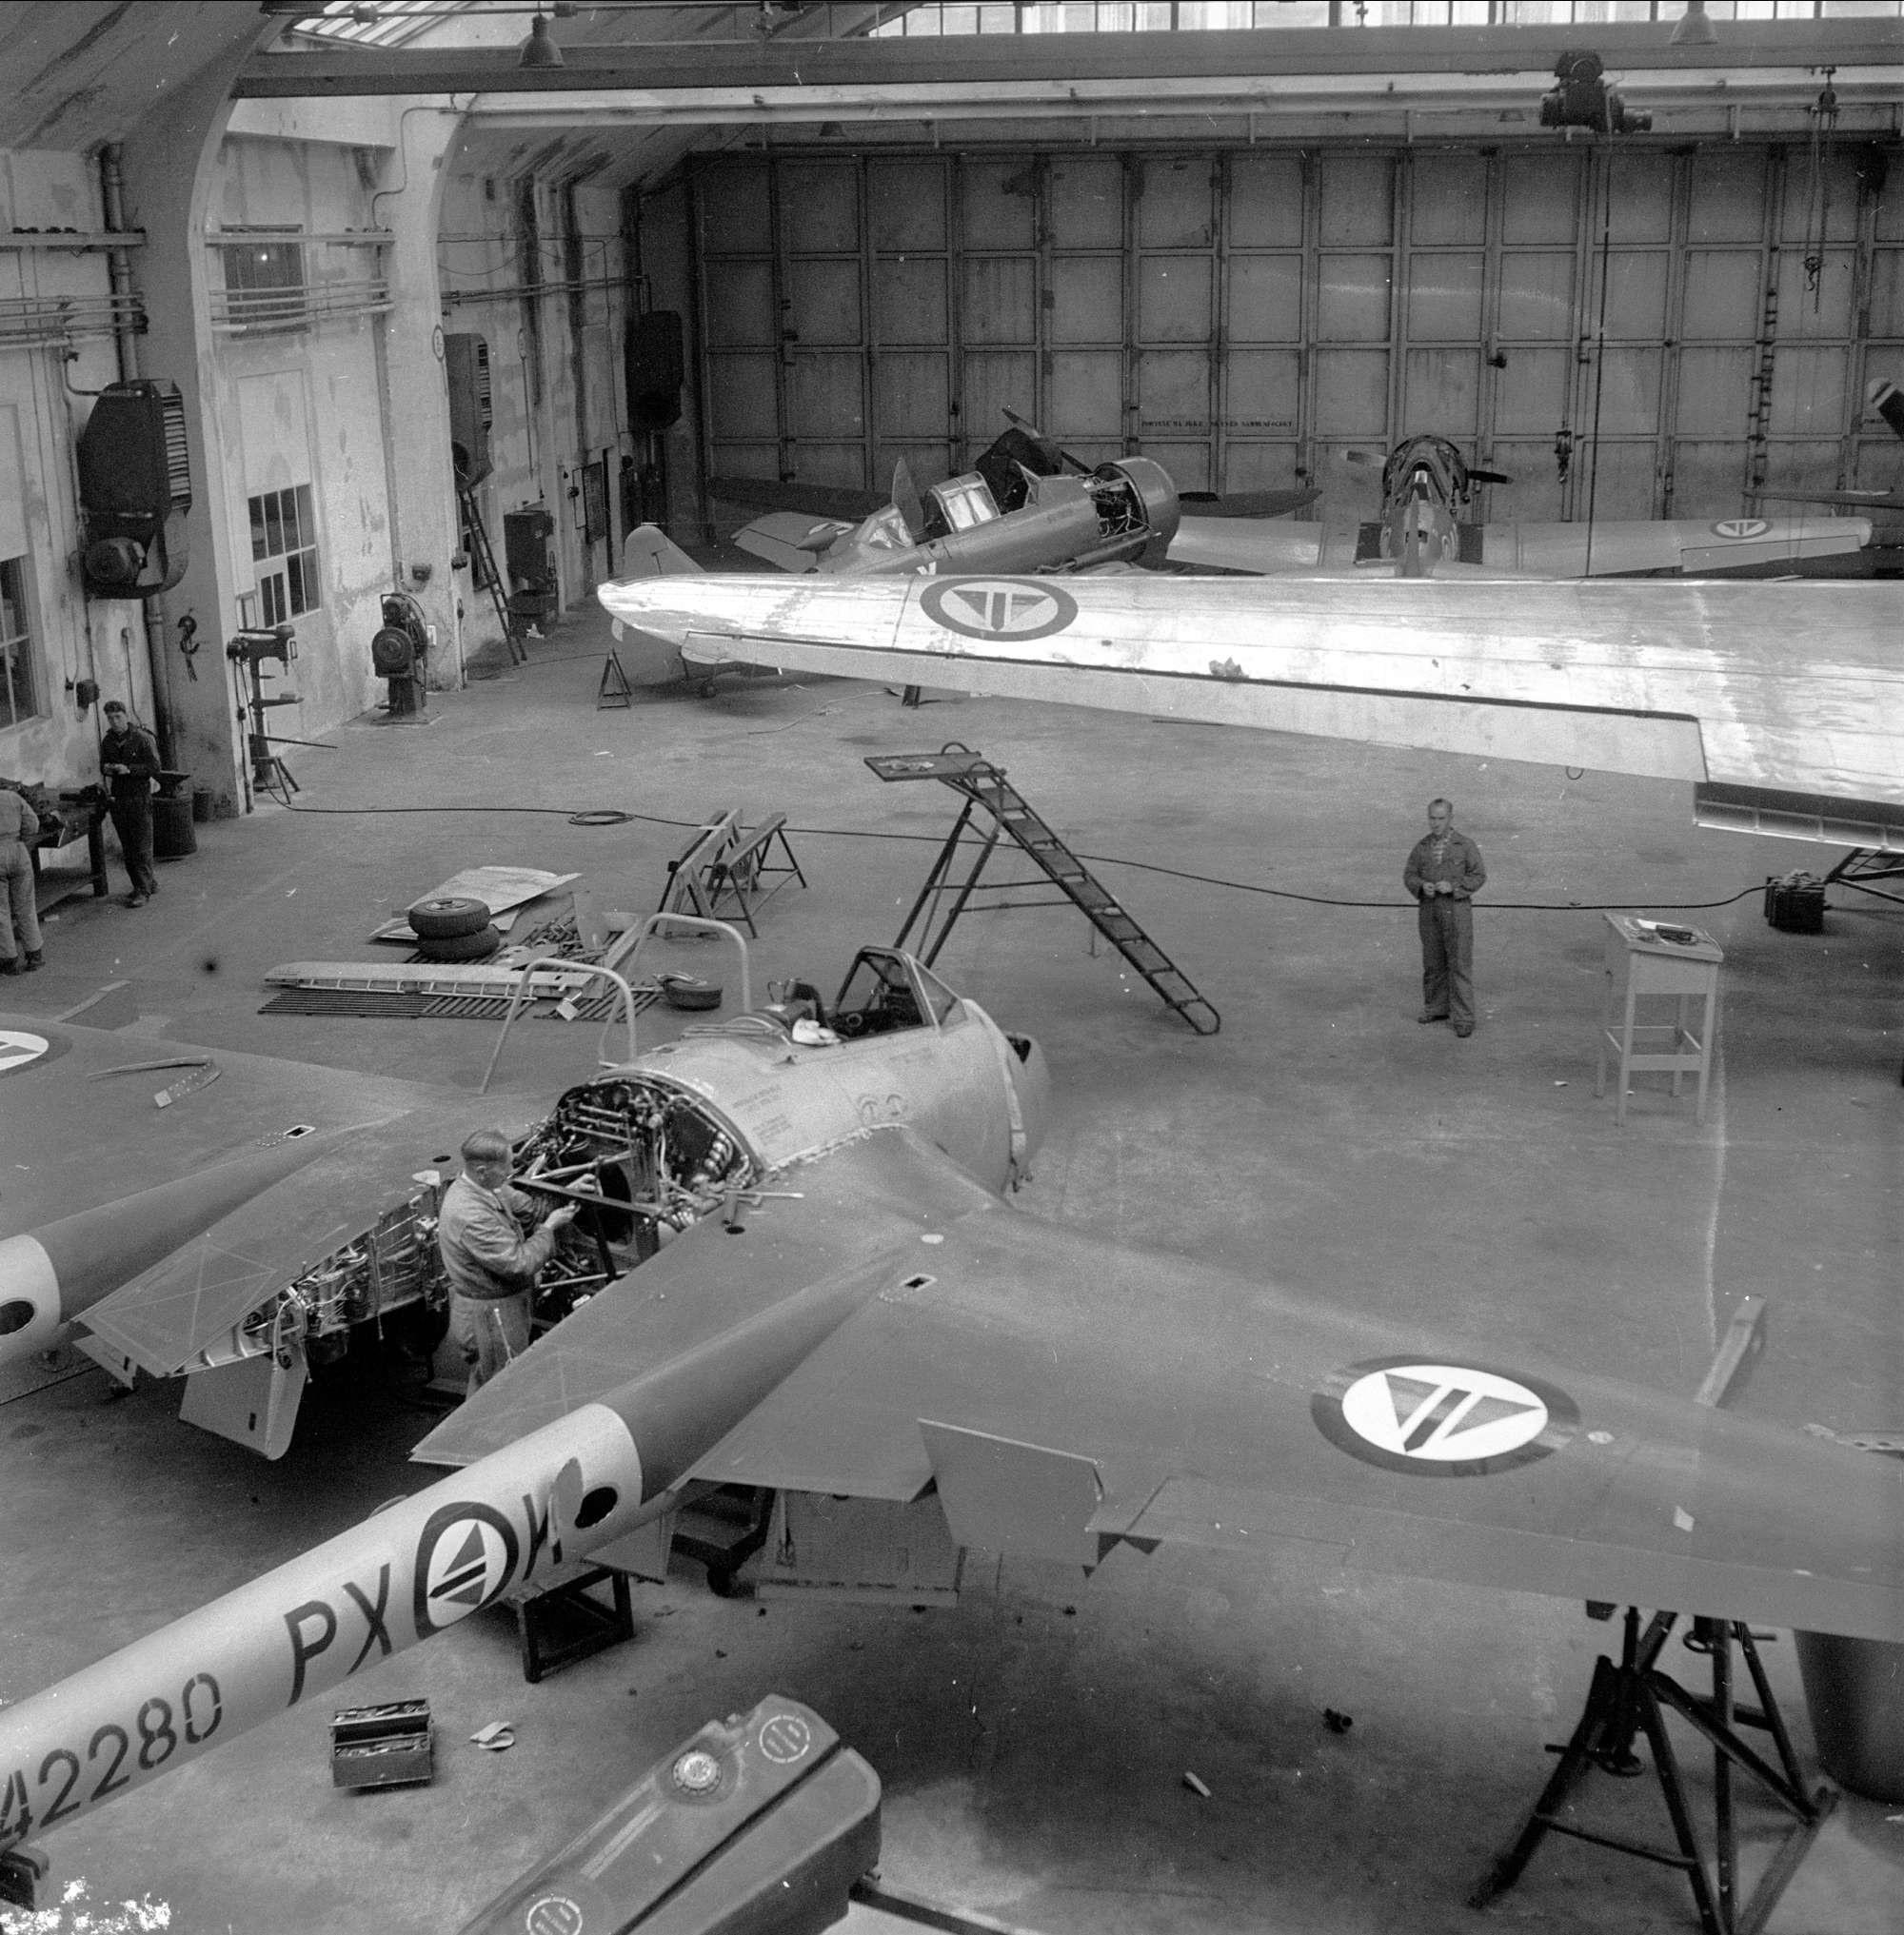 Bildet viser Vedlikehold av fly ved Kjeller, i forkant en DH Vampire, vingen til en DC3 Dakota og to skolefly av type North American T-6/J Harvard. Bildet er tatt i 1952 i forkant av 40-års markeringen til Kjeller. Foto er lånt fra Dagbladet/Norsk Folkemuseum